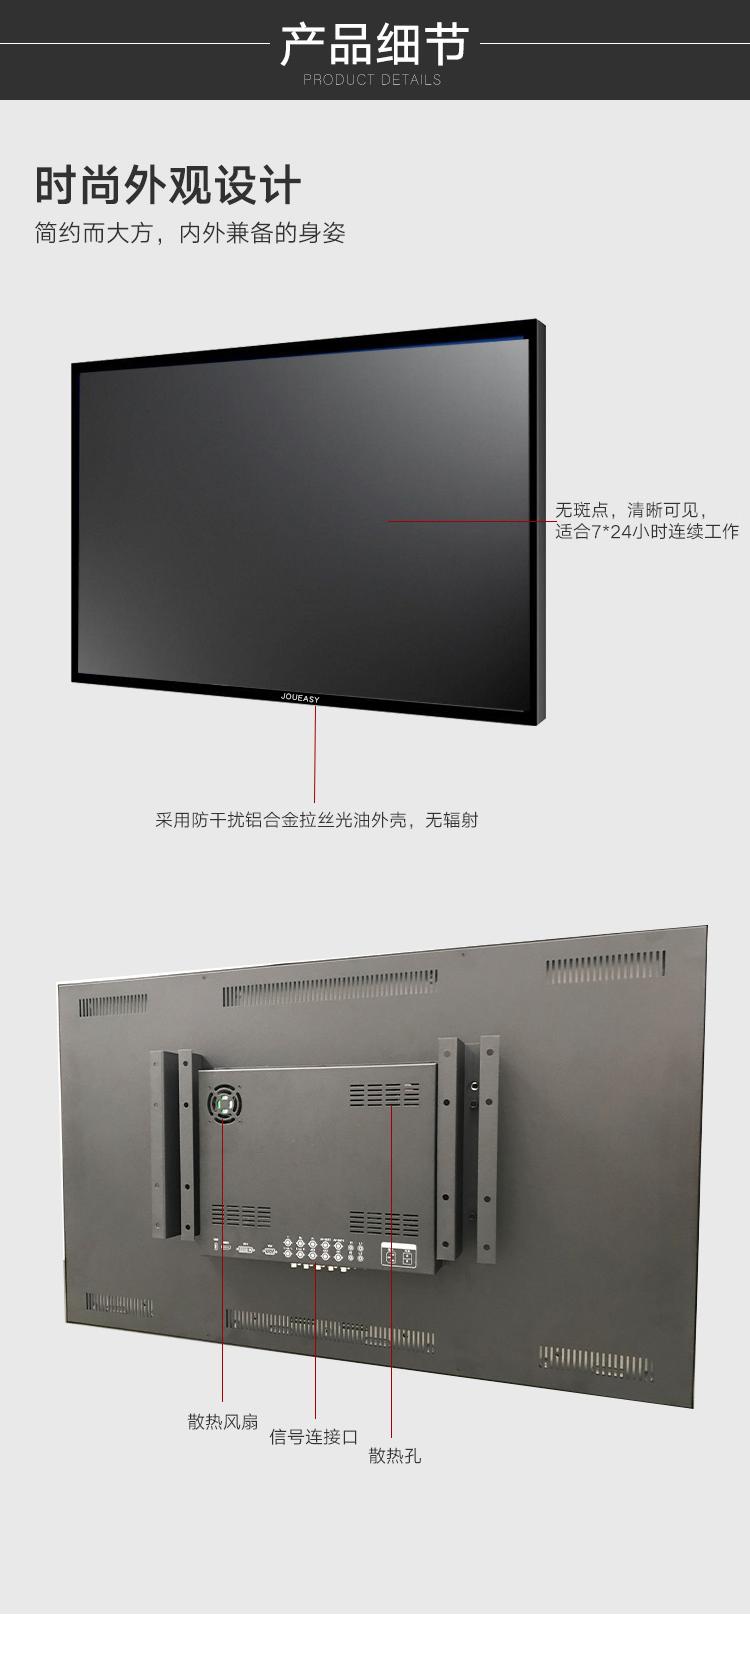 55液晶监控显示器